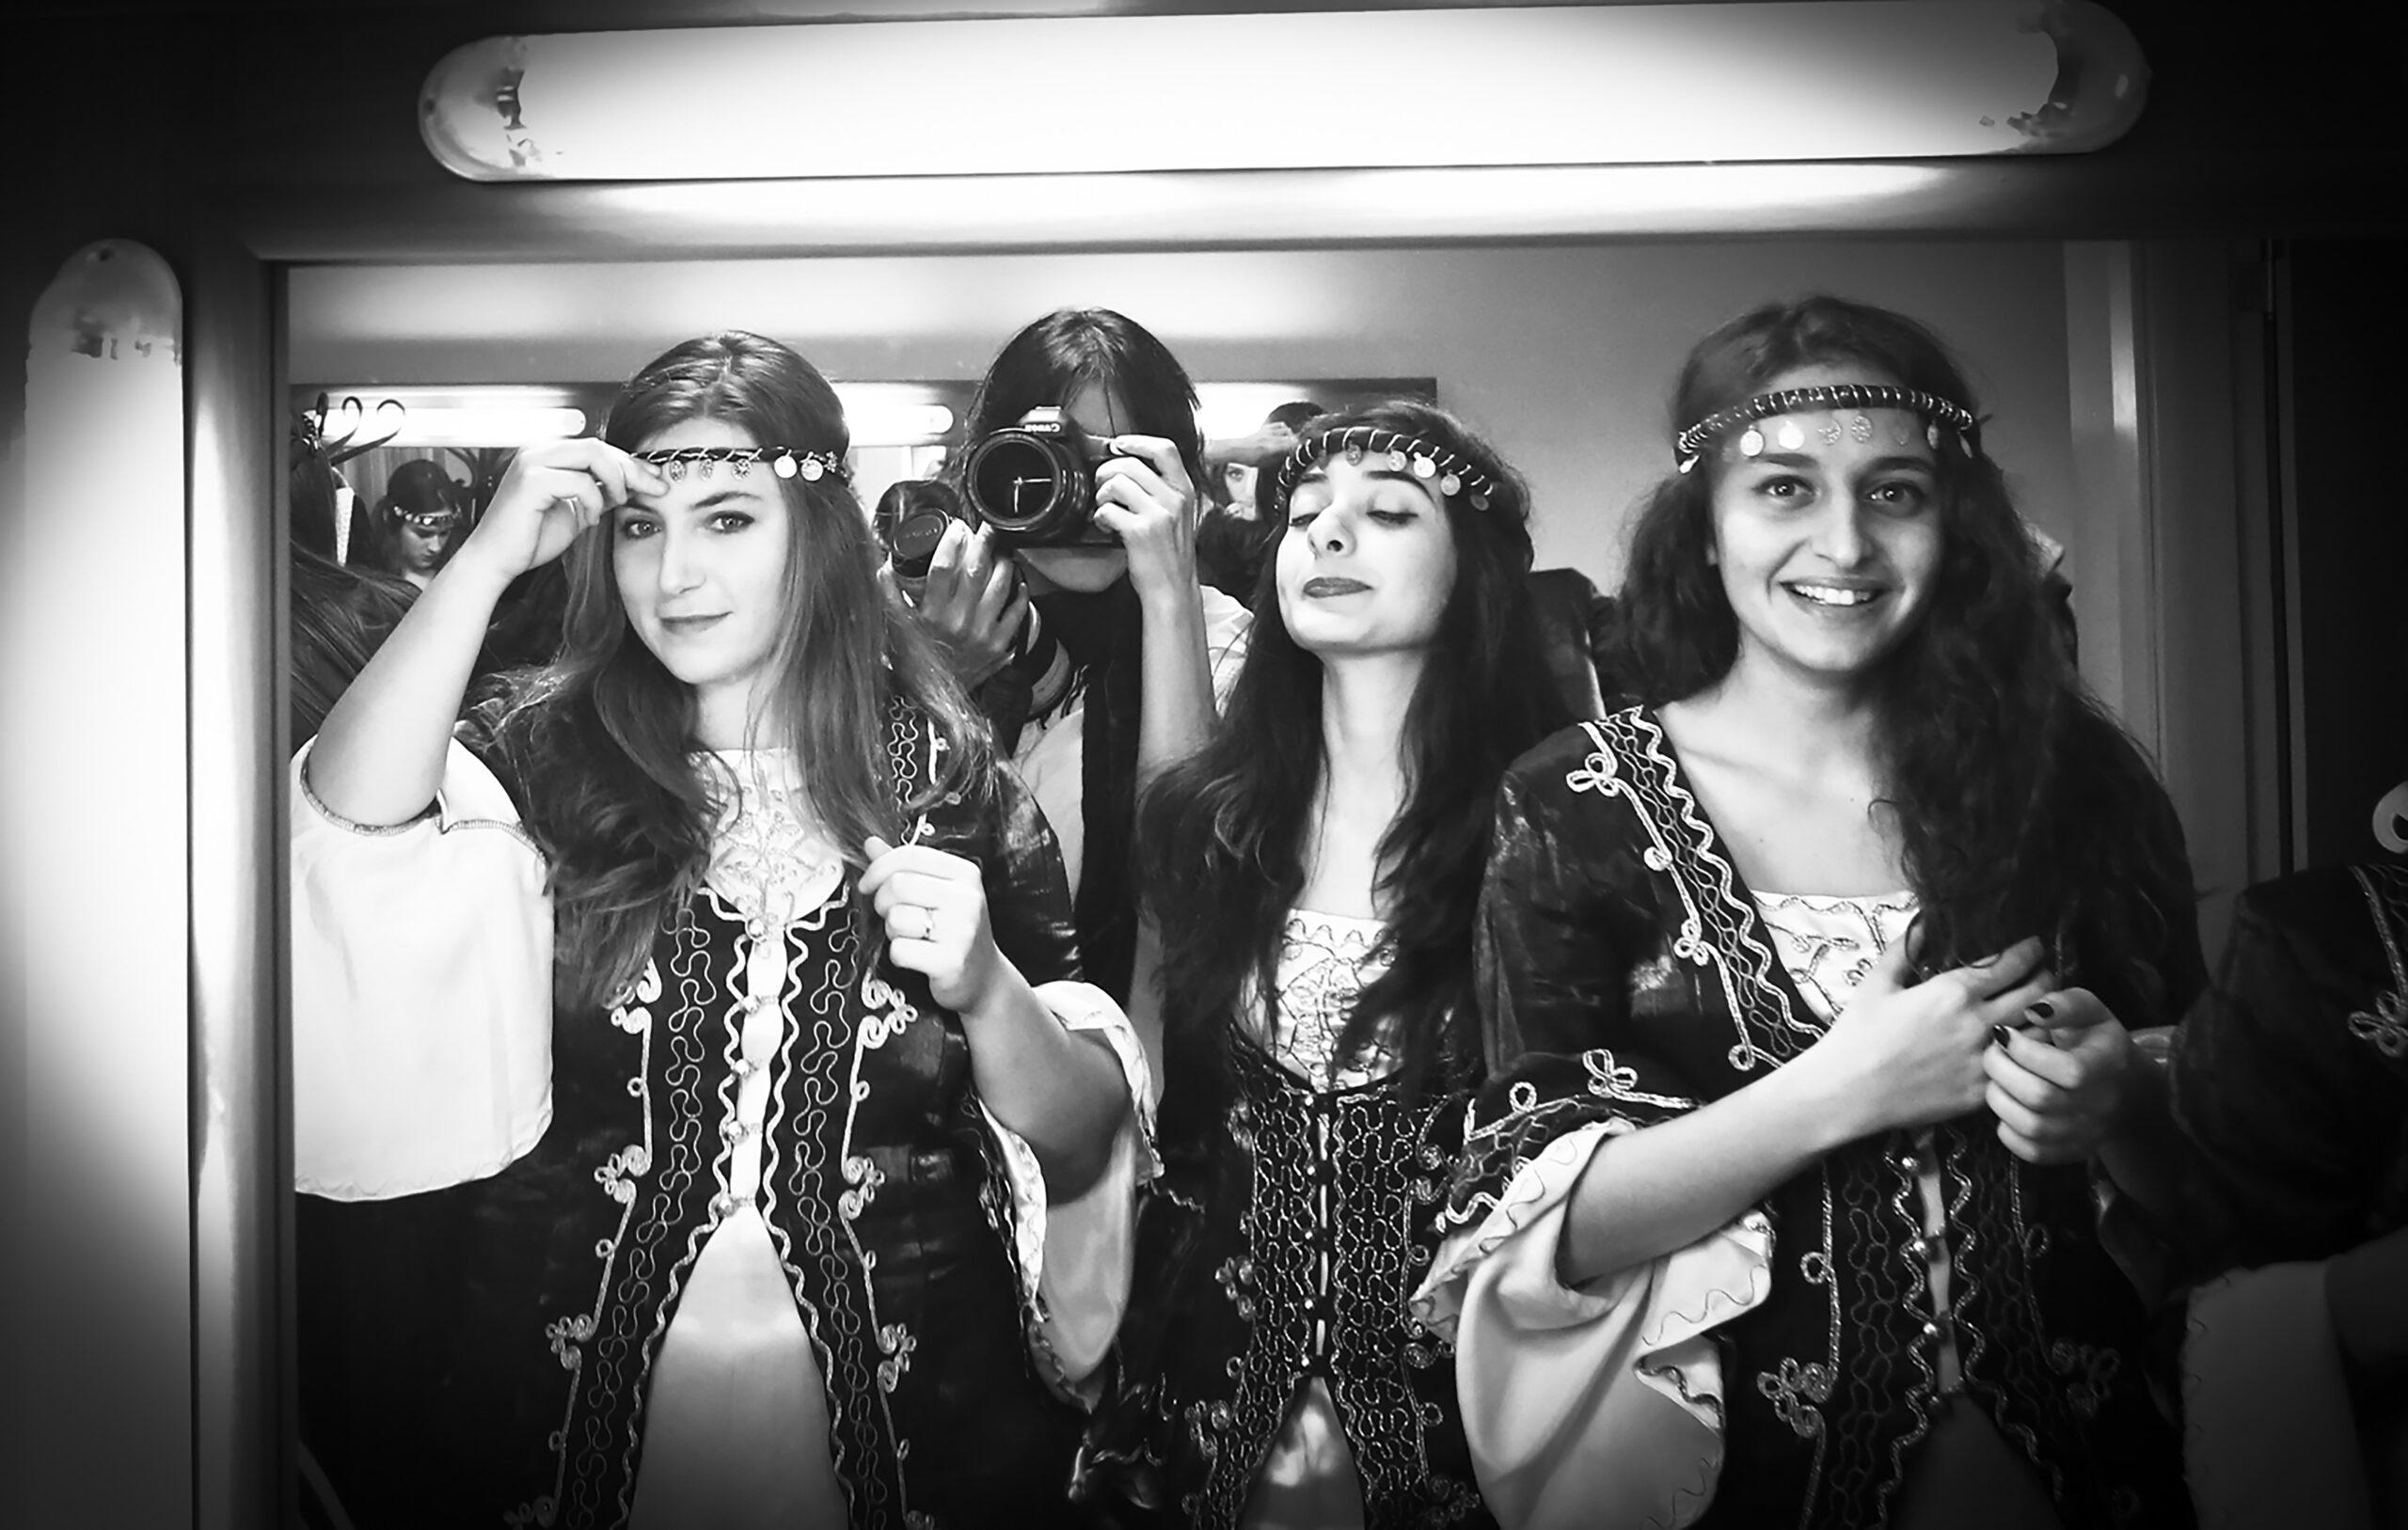 Gülüm İmrat, Turčija: Jaz fotografinja, 2013, Boğaziçi Caz Korosu, Turčija - Fotografija zborovskih pevcev iz zaodrja med pripravo na prihod na oder za posebni koncert.